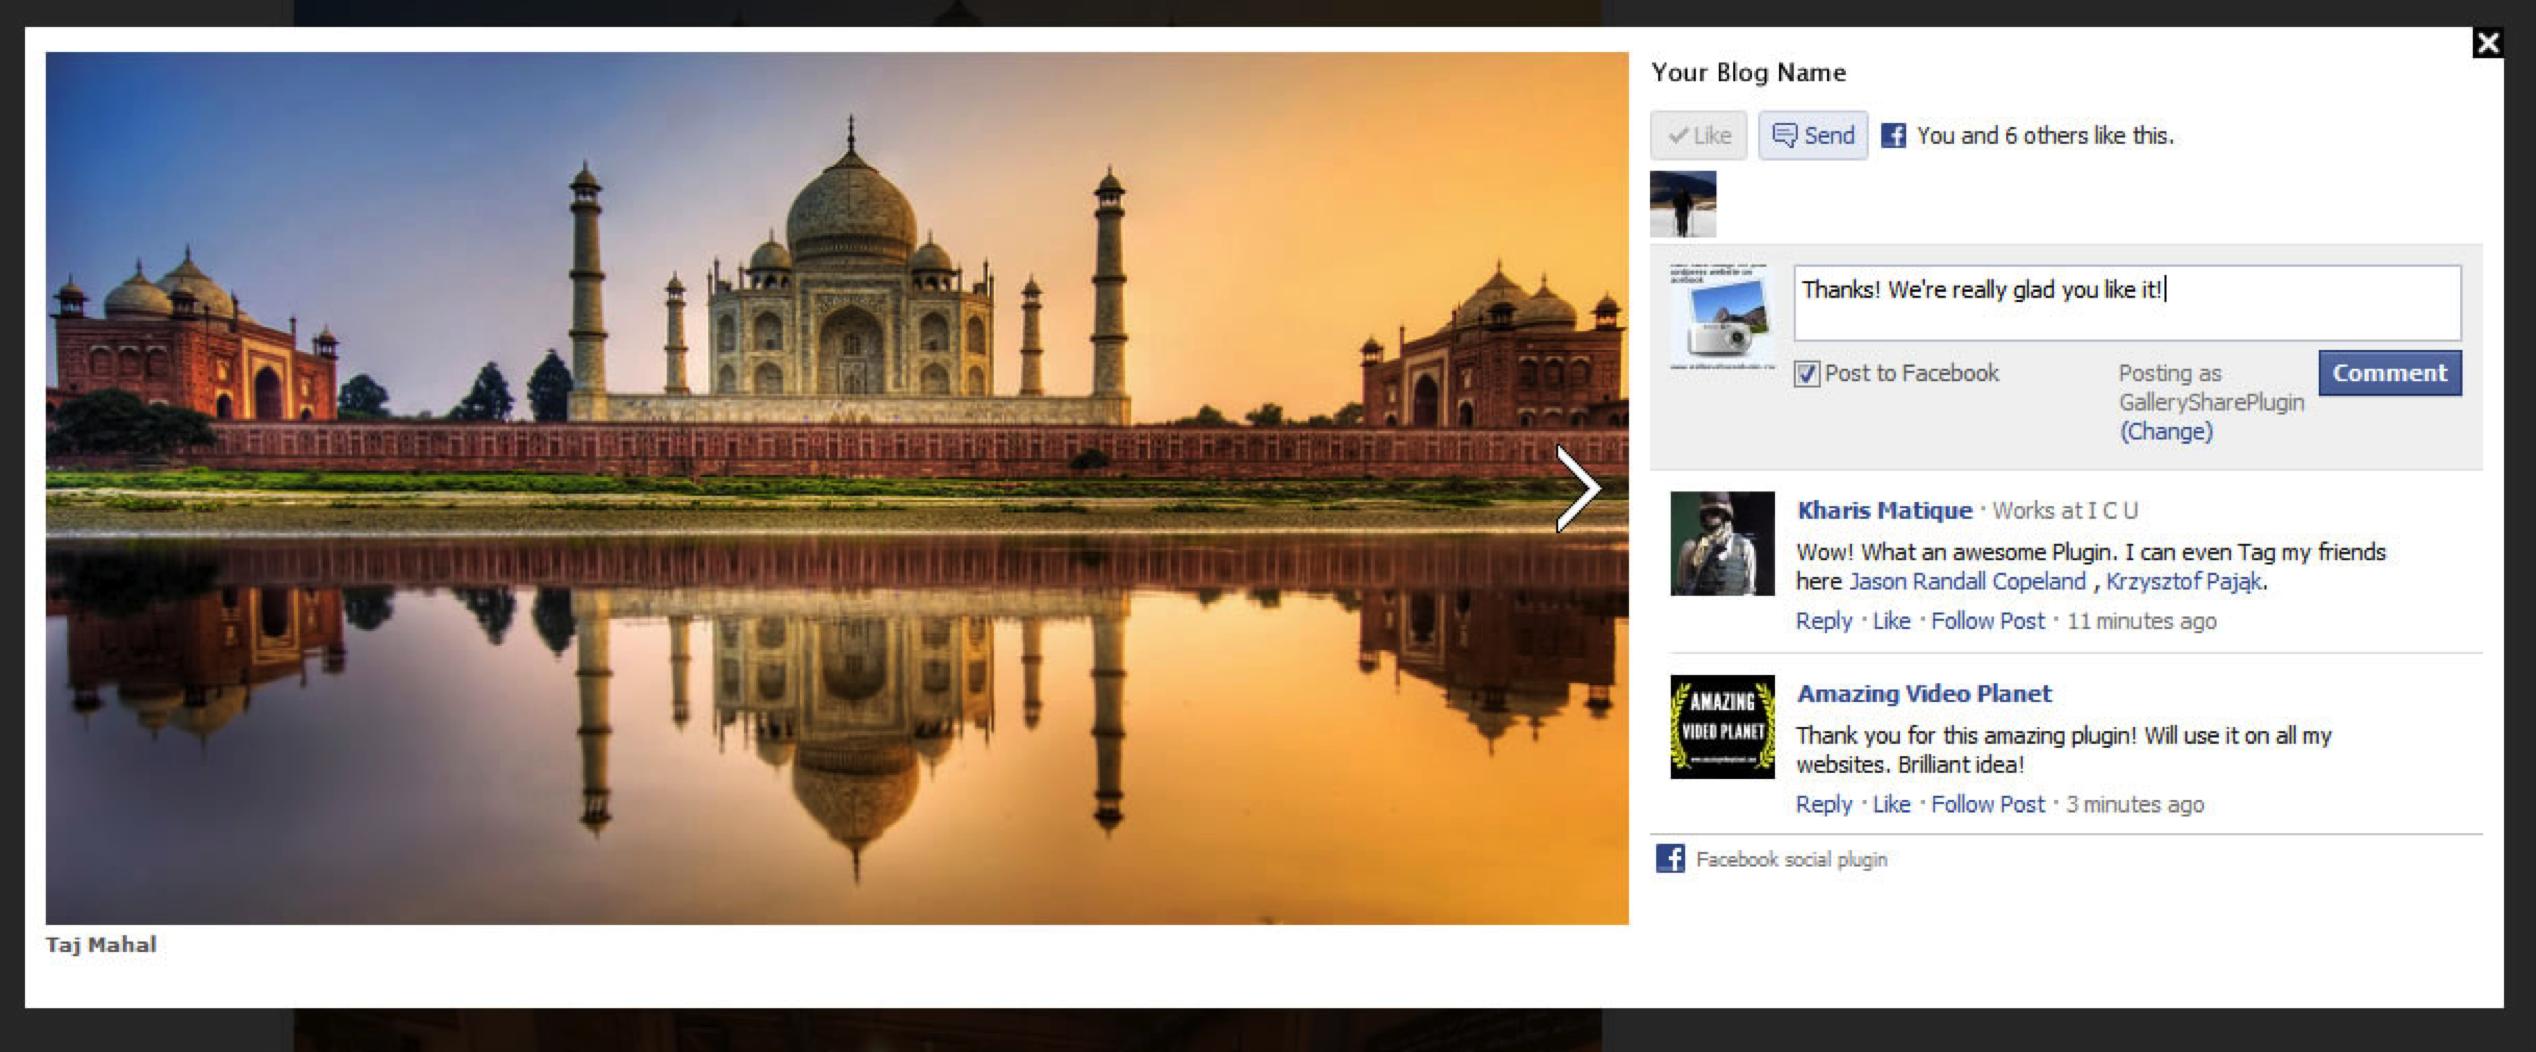 Beispiel des kostenlosen Gallery Share-Plugins